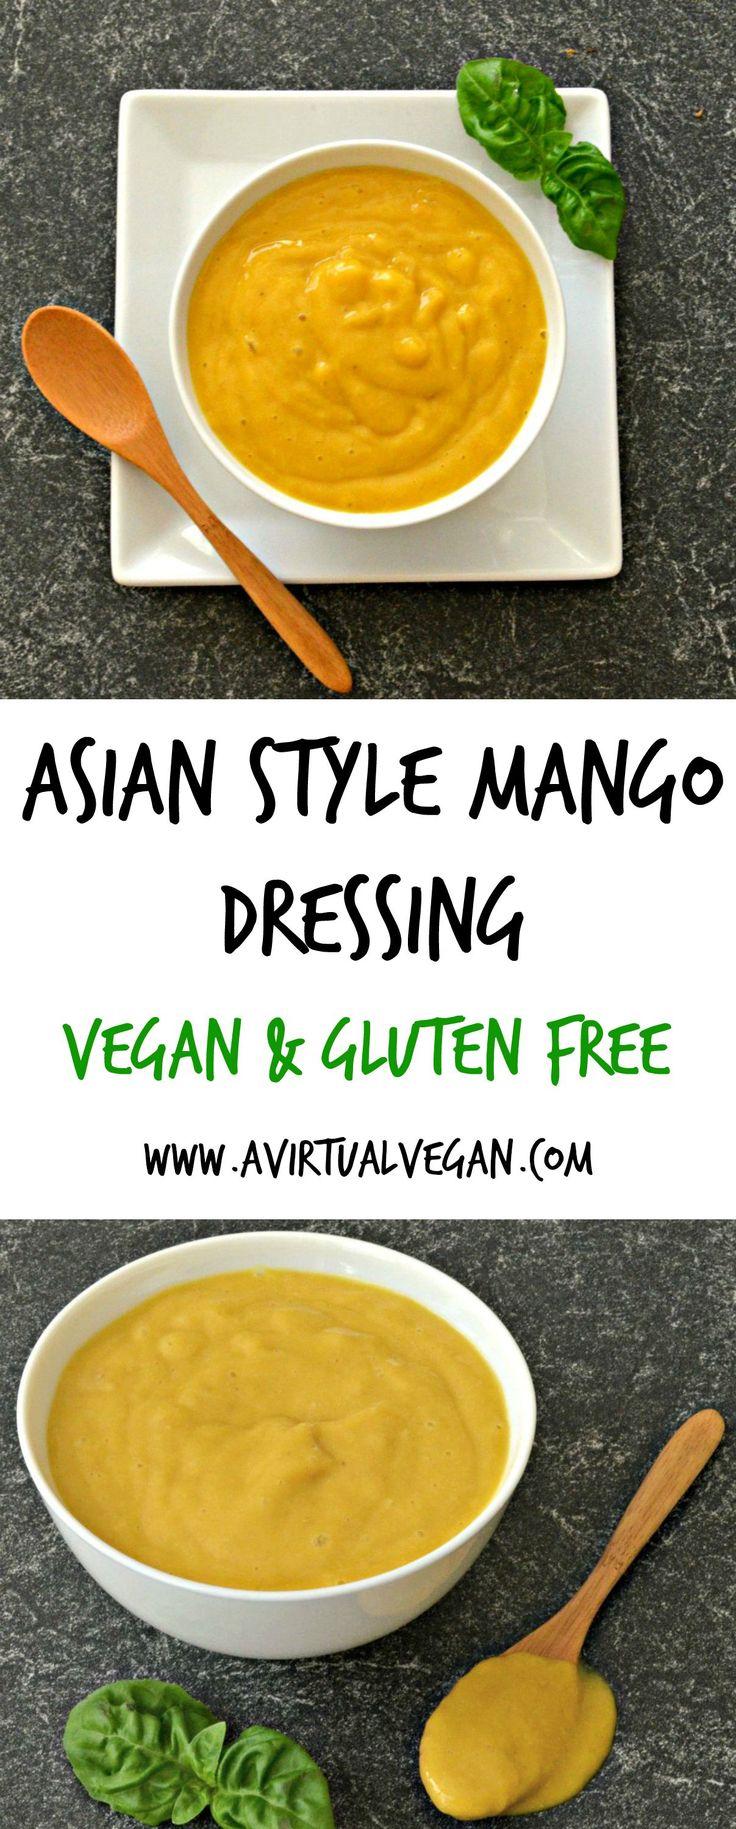 ... Mango Salad Dressing | Recipe | Mango dressing, Dressing and Style